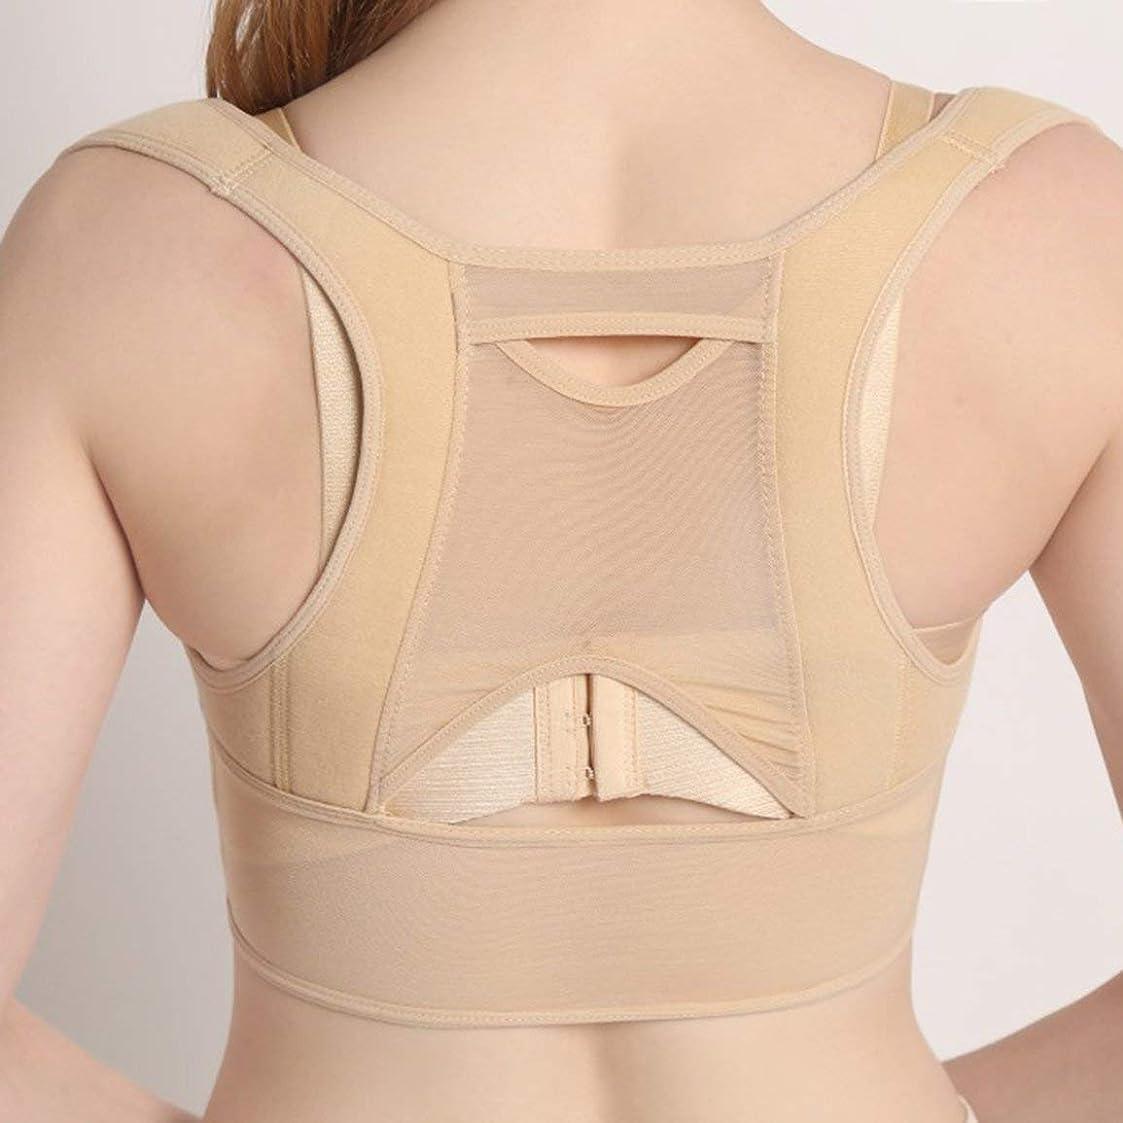 アボート好きである前述の通気性のある女性の背中の姿勢矯正コルセット整形外科の肩の背骨の姿勢矯正腰椎サポート - ベージュホワイトM